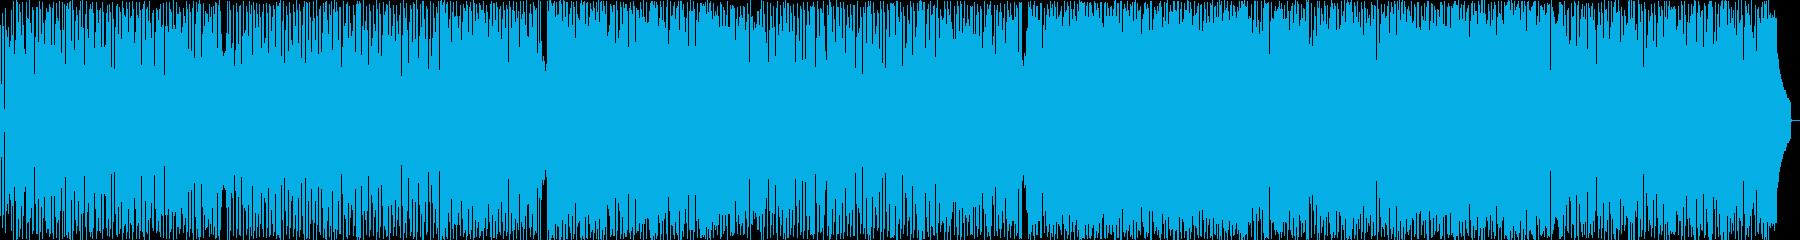 哀愁ジャズボッサの再生済みの波形